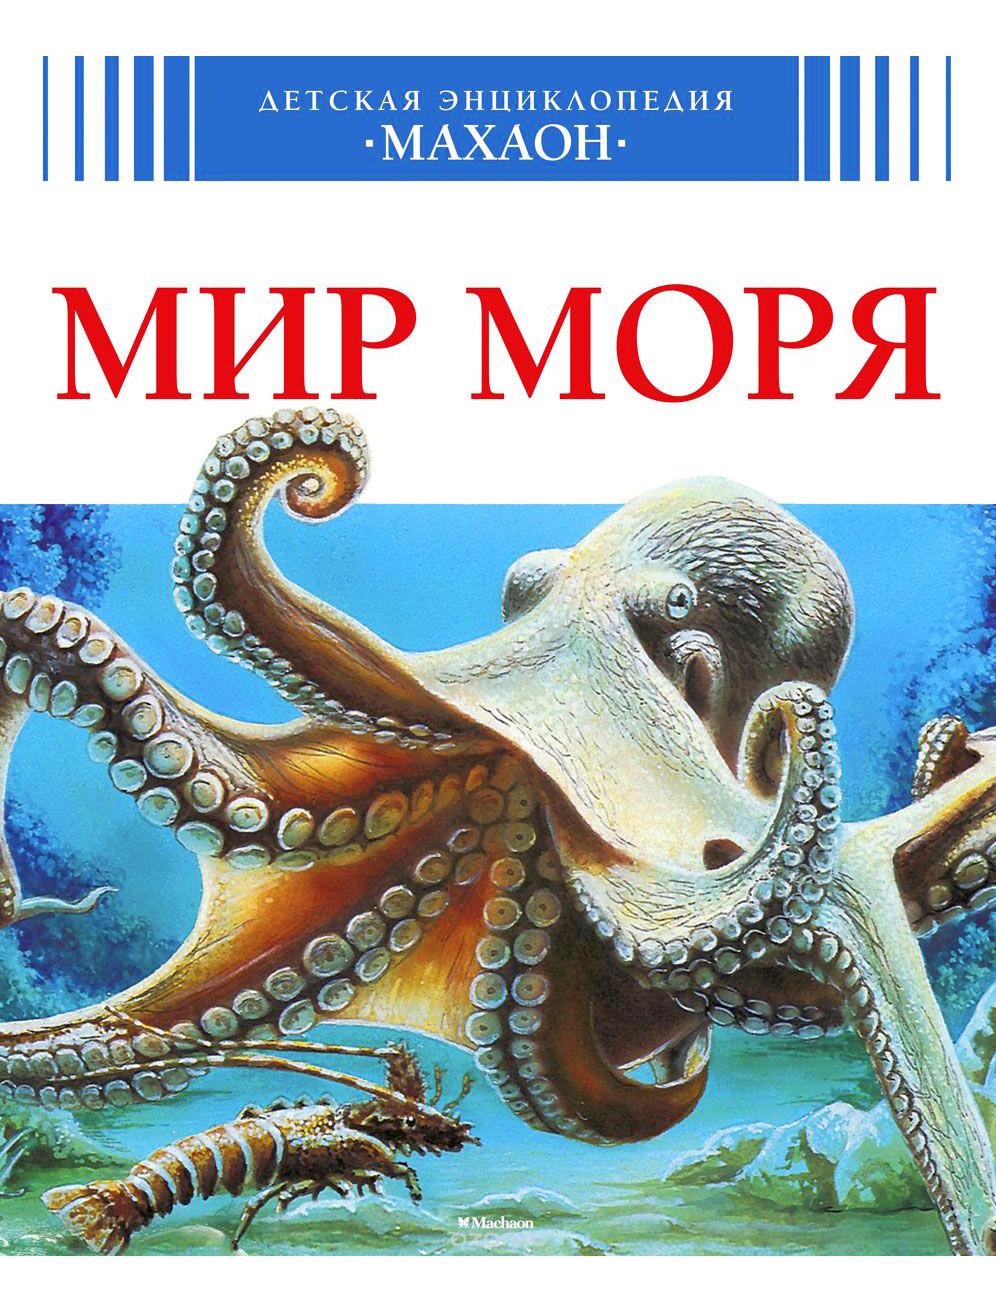 1940177, Книга ИГ Азбука-Аттикус, 9008829780944  - купить со скидкой